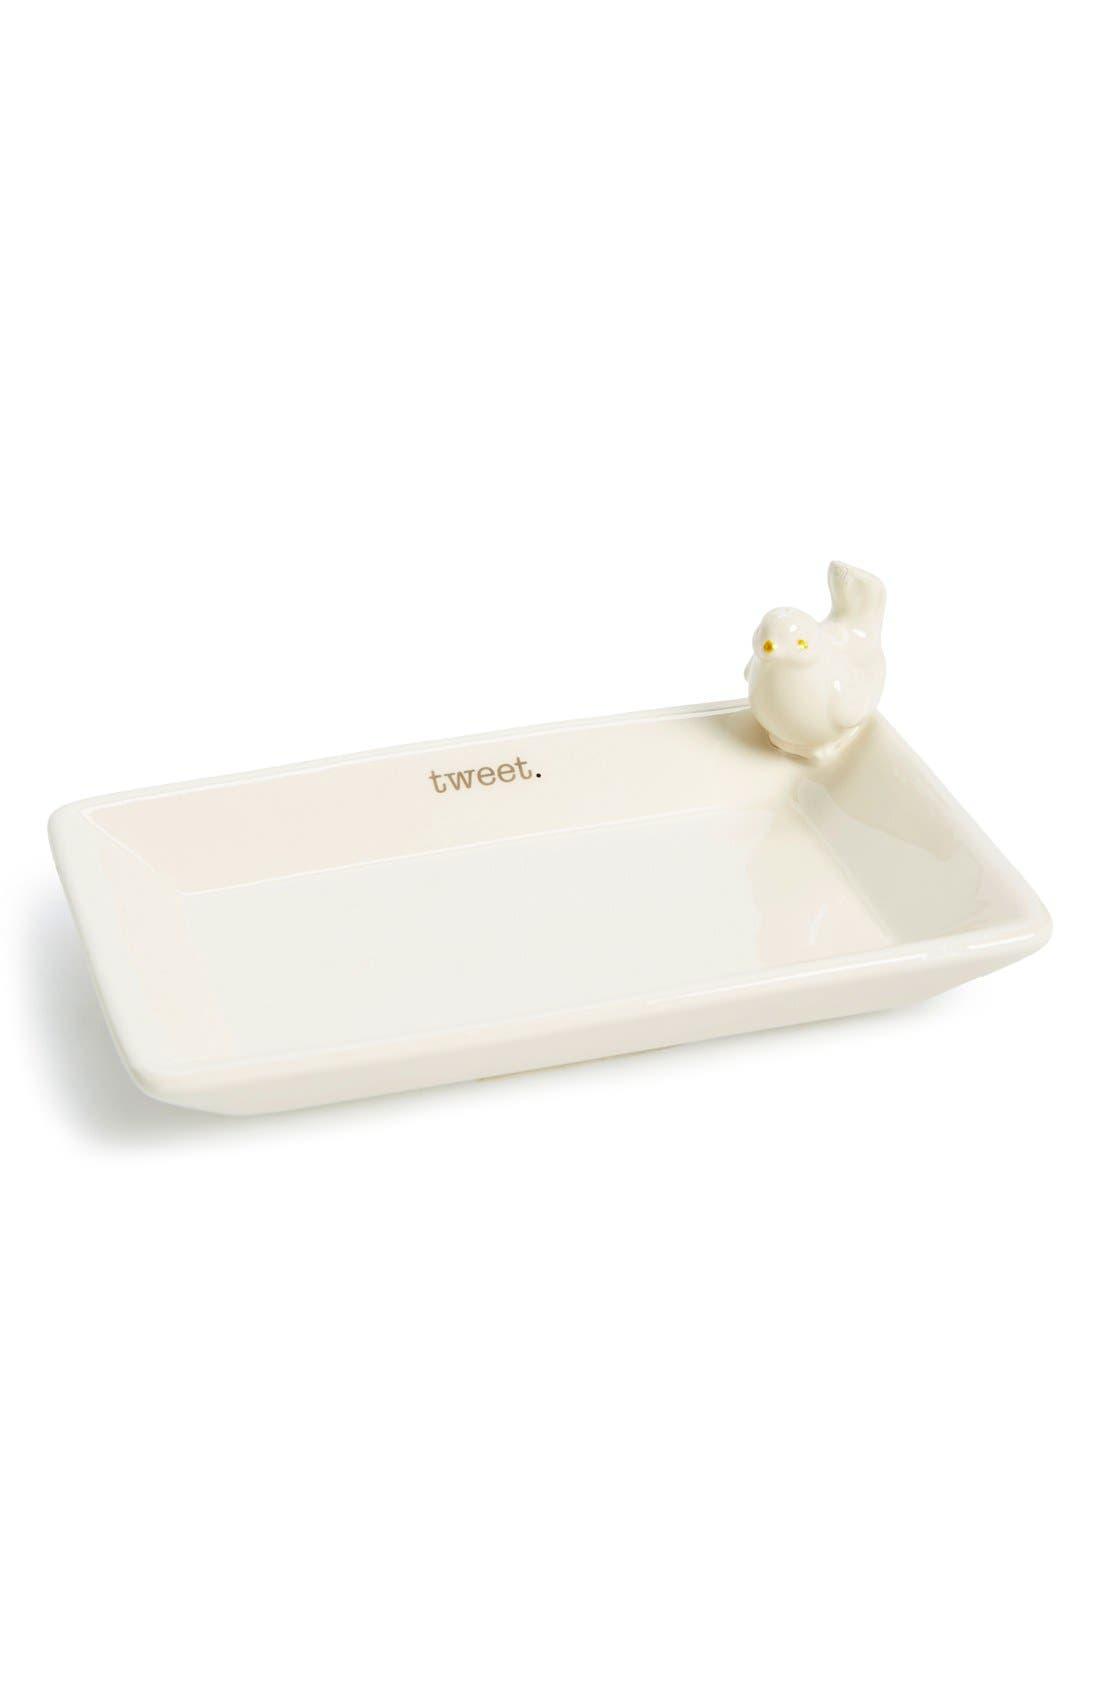 Alternate Image 1 Selected - American Atelier 'Tweet' Ceramic Trinket Tray